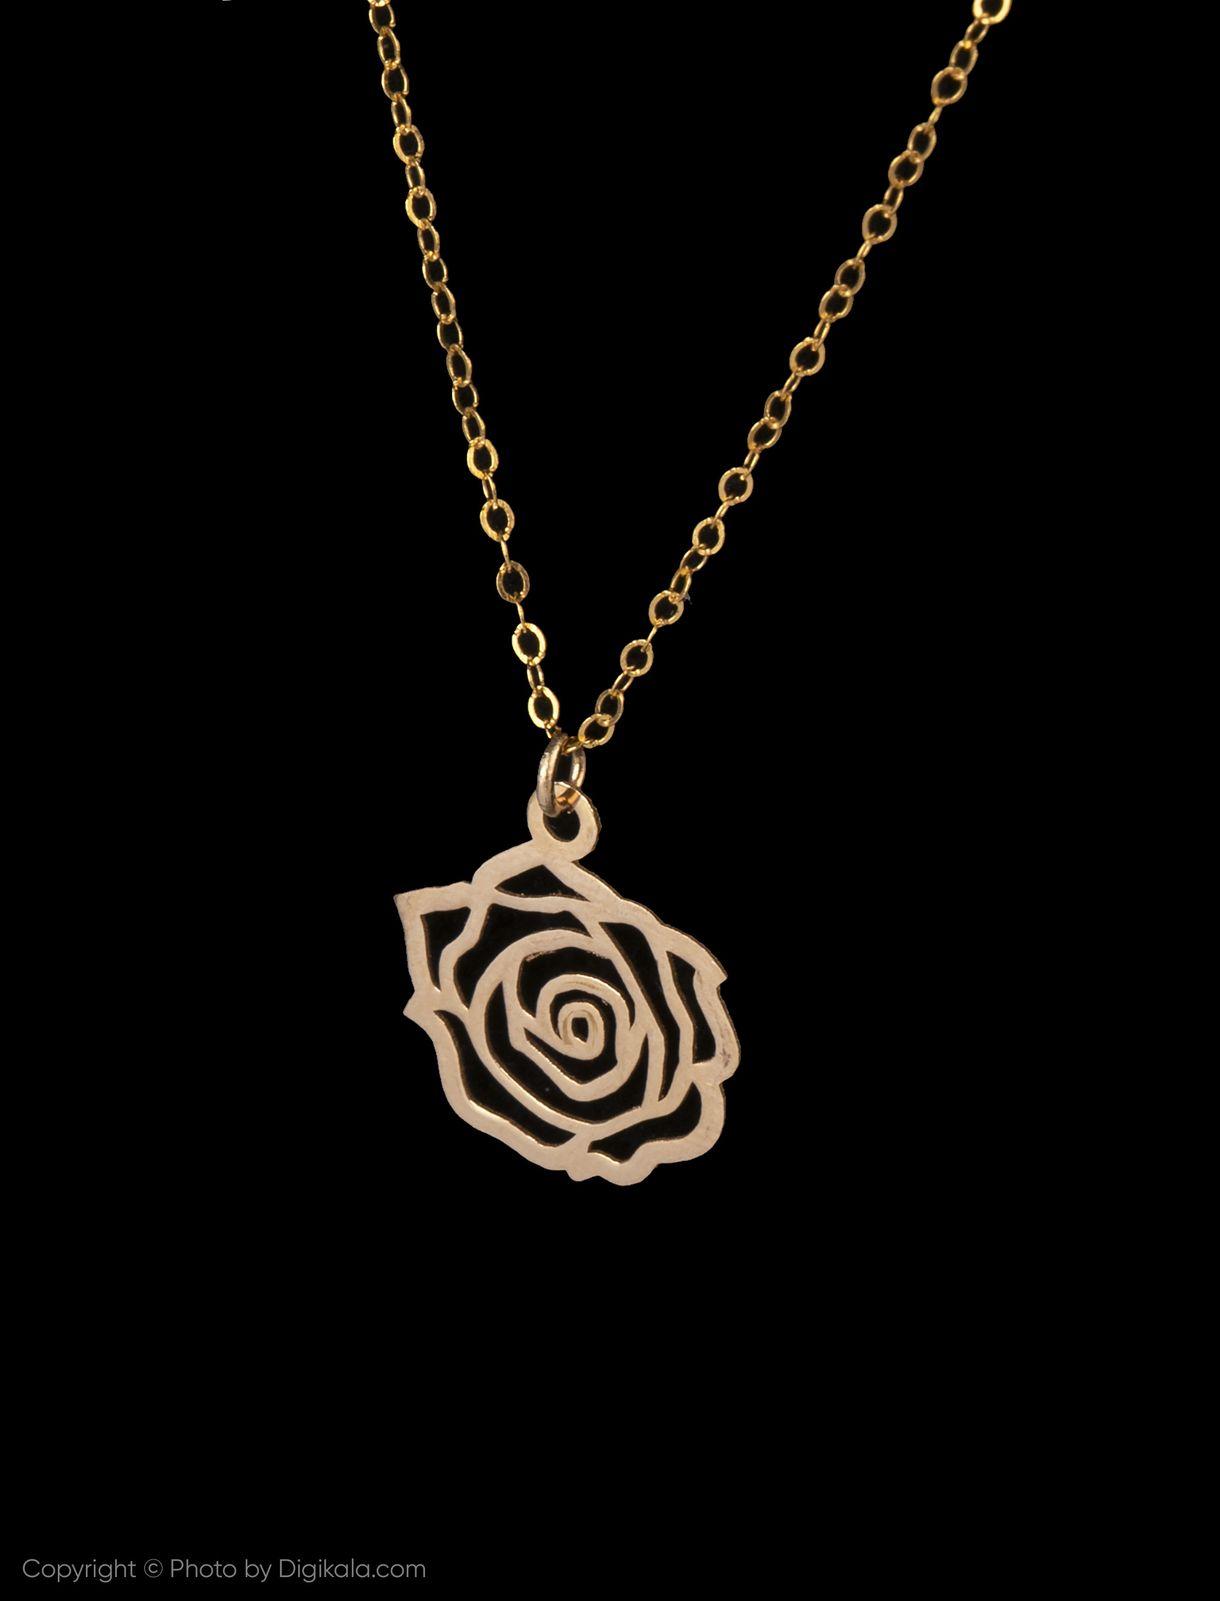 گردنبند طلا 18 عیار زنانه مایا ماهک مدل MM0959 main 1 1